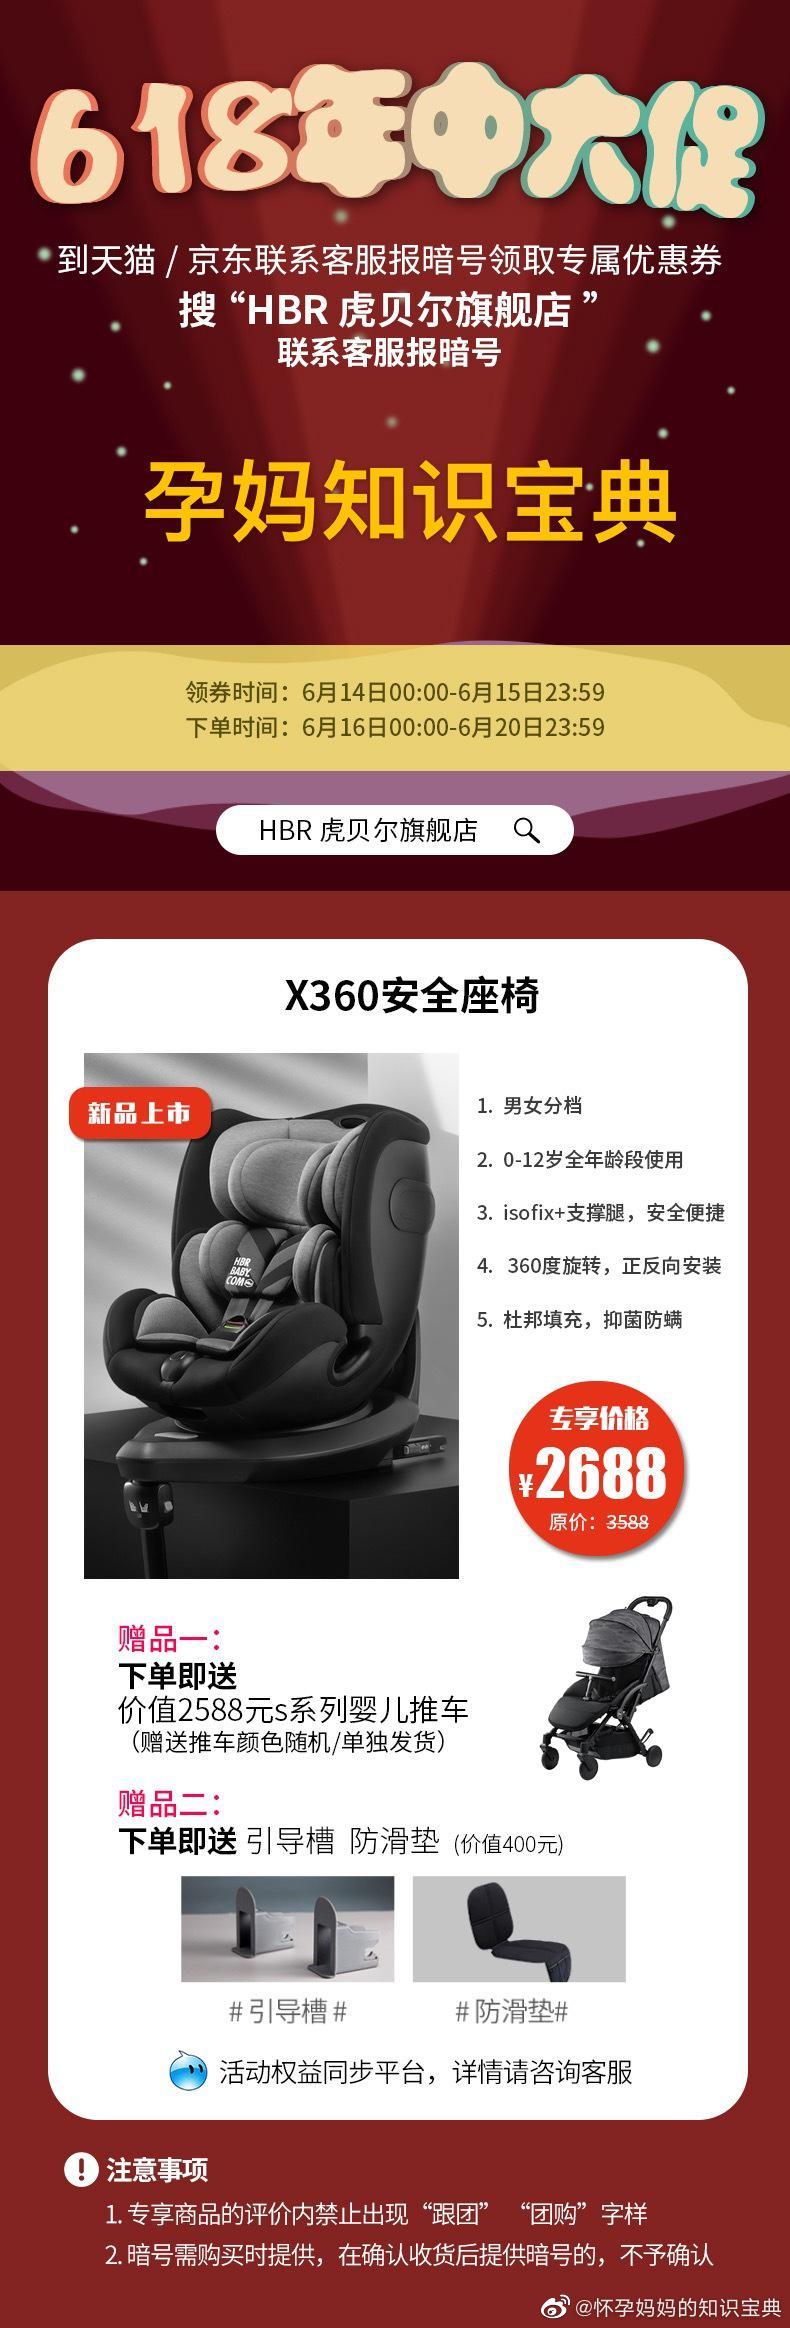 虎贝尔X360安全座椅大促,买座椅送婴儿车。详情见下图